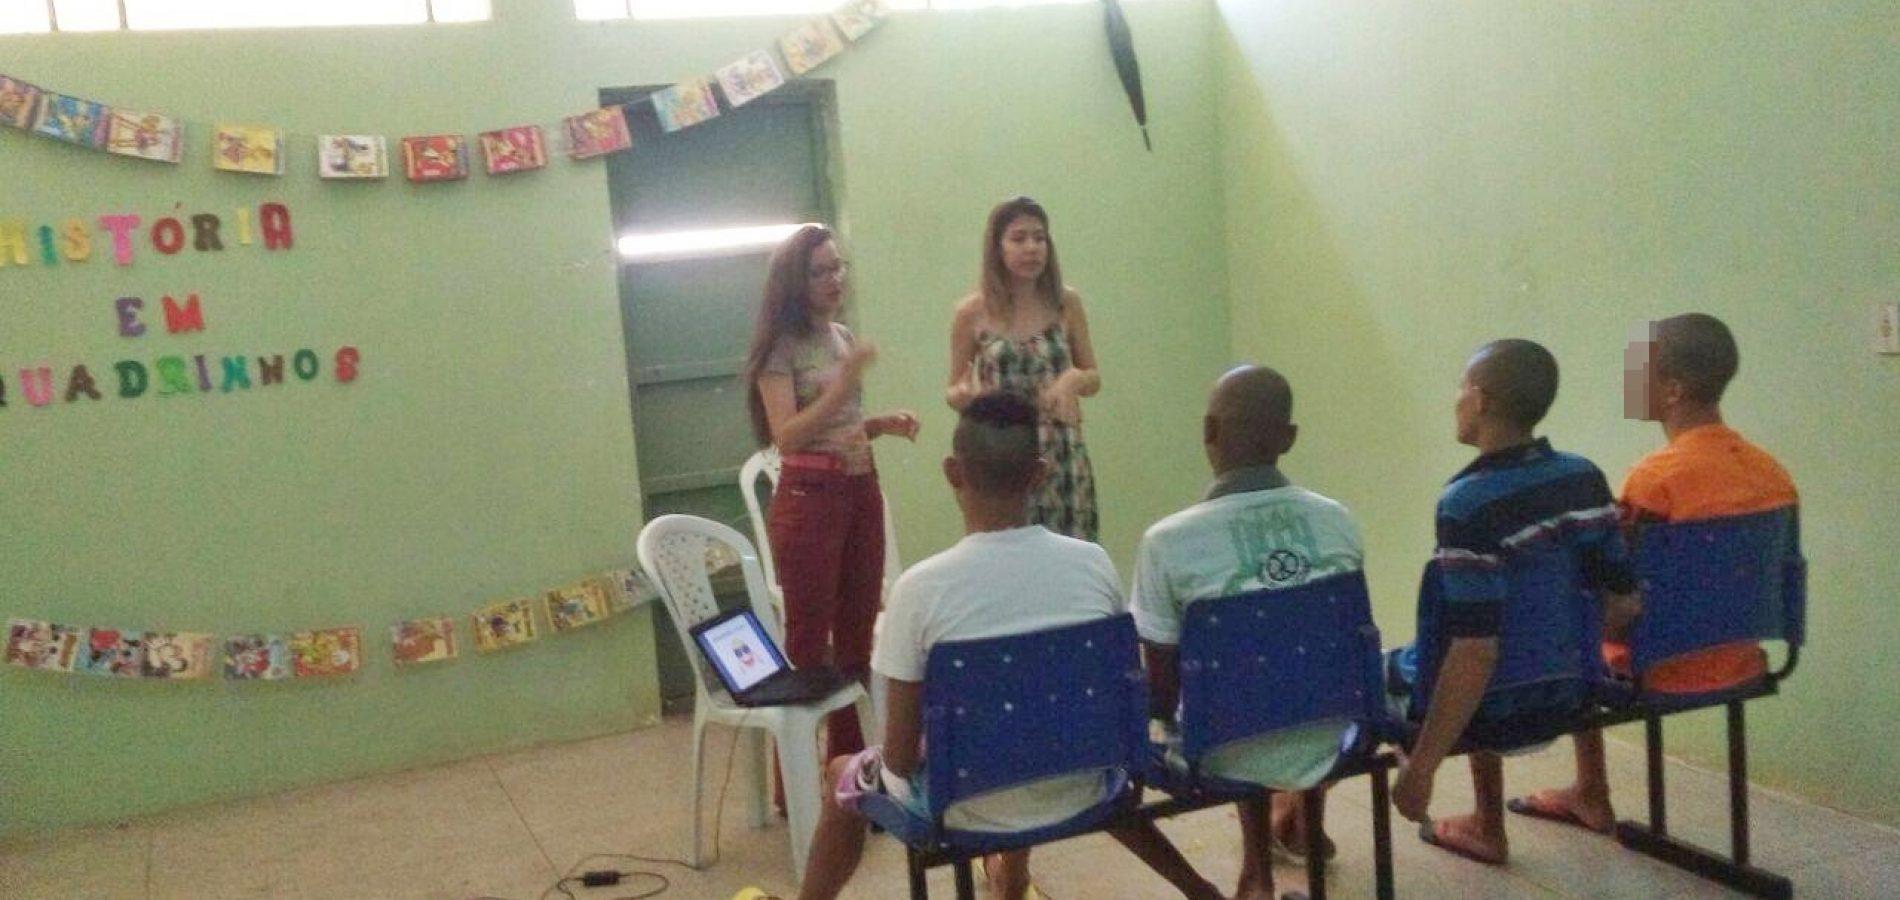 Por meio da leitura, estudante muda vida de adolescentes que cumprem medidas socioeducativas 2